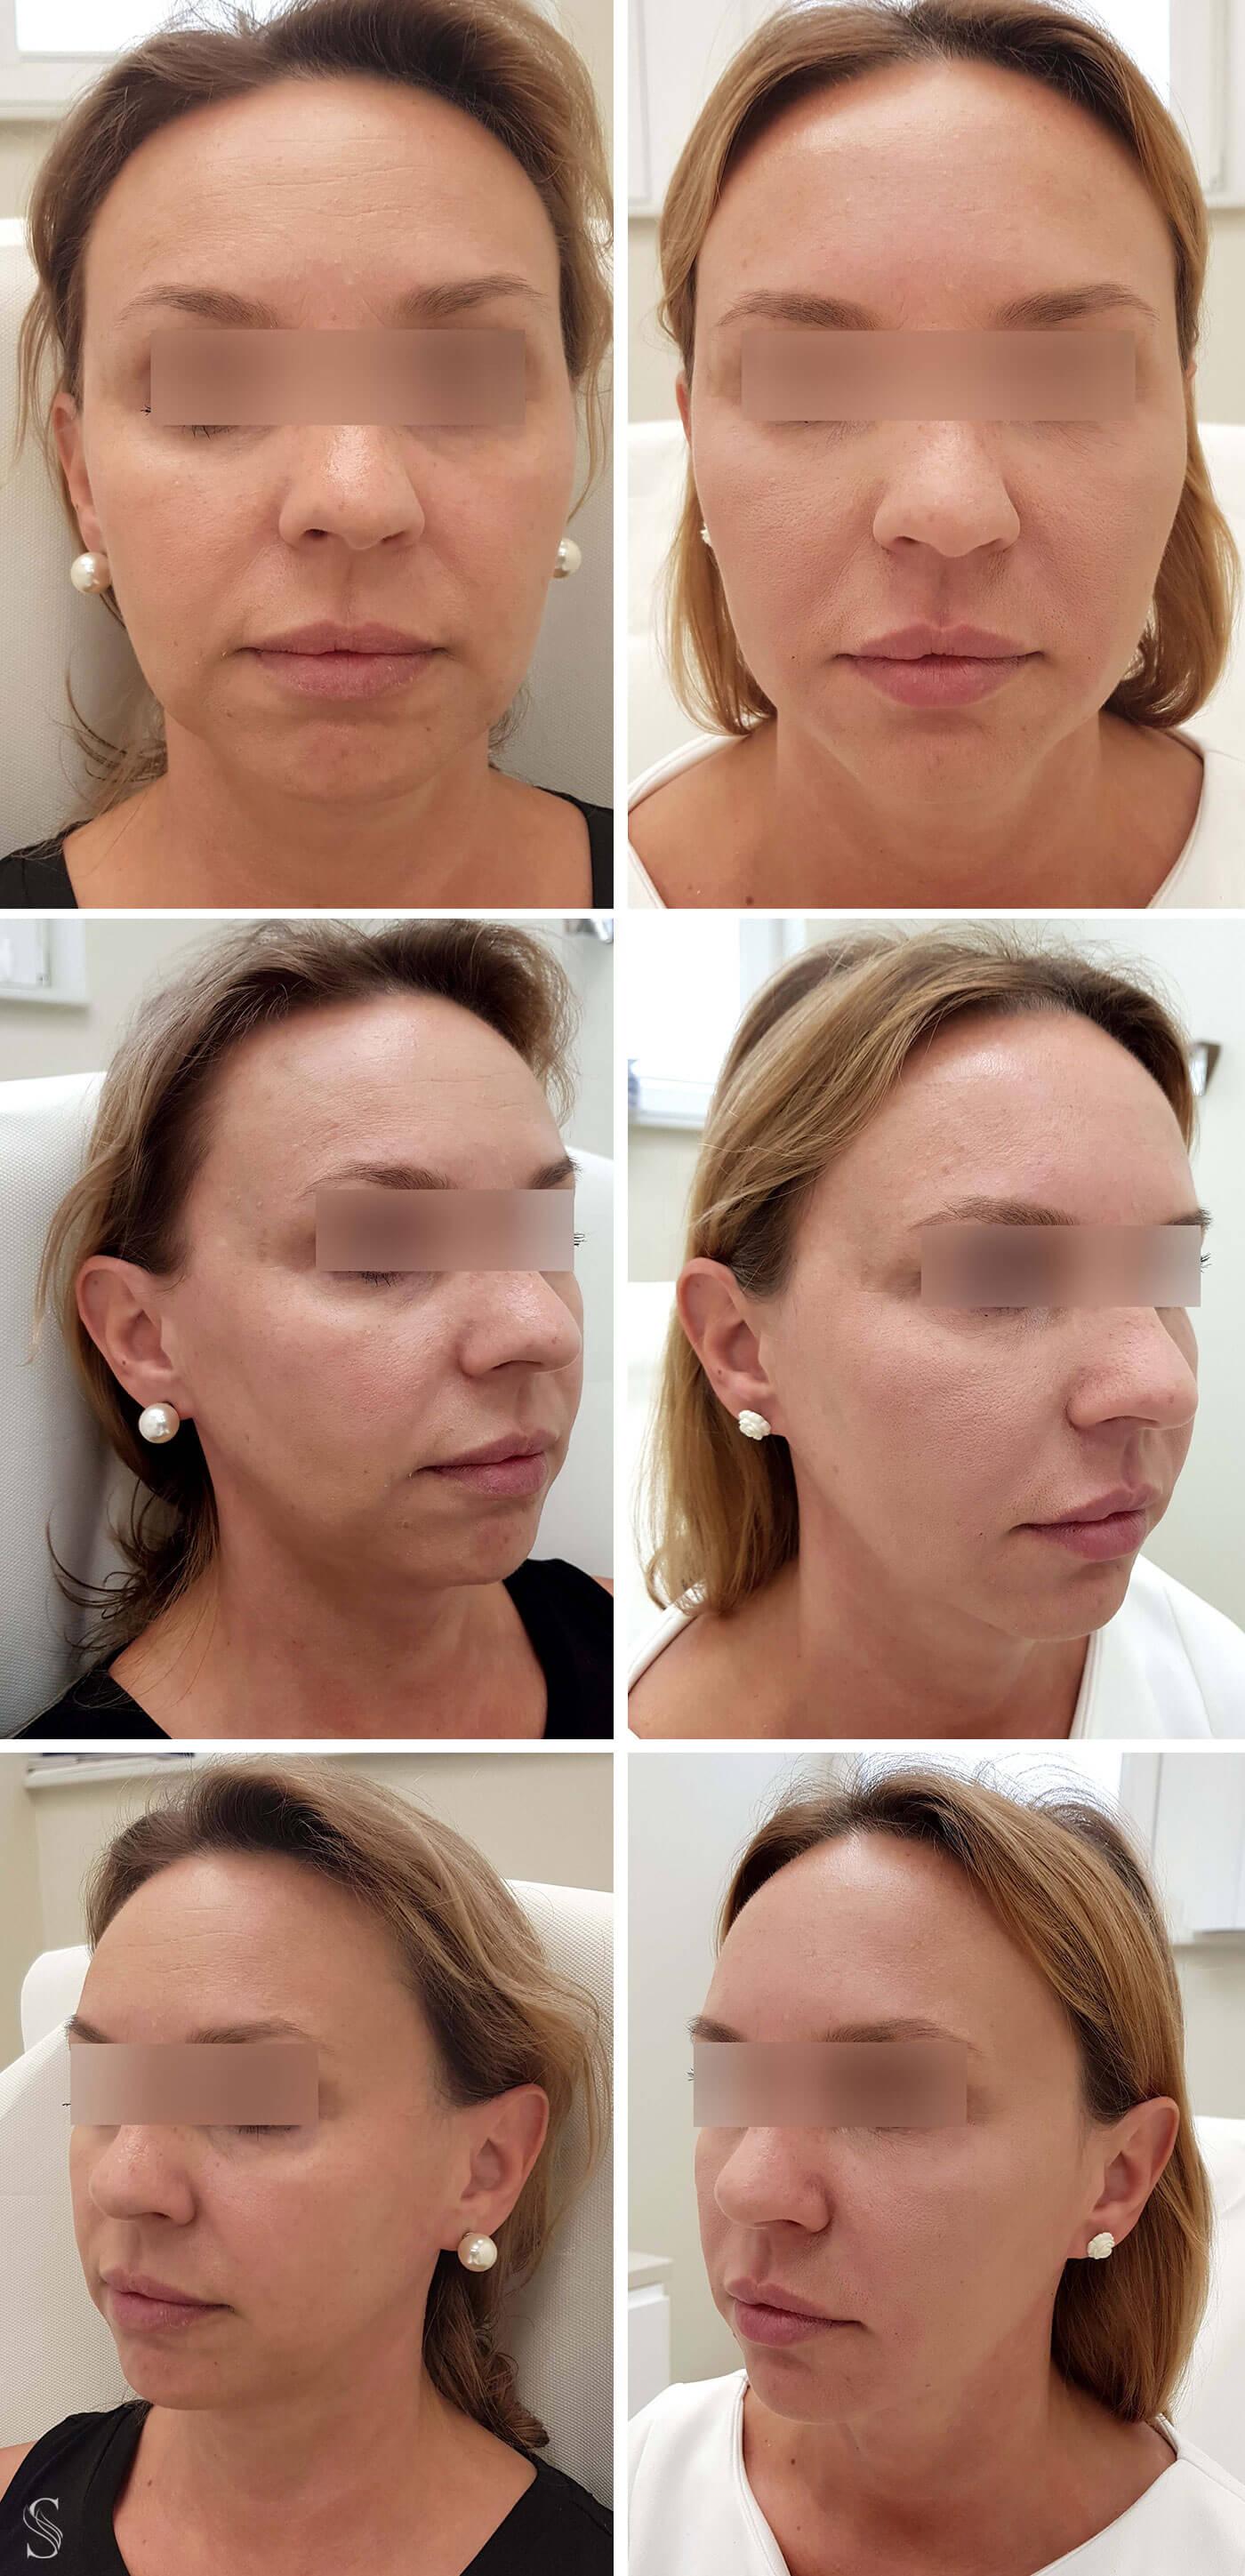 odmladzanie skory twarzy krakow - PRZED I PO